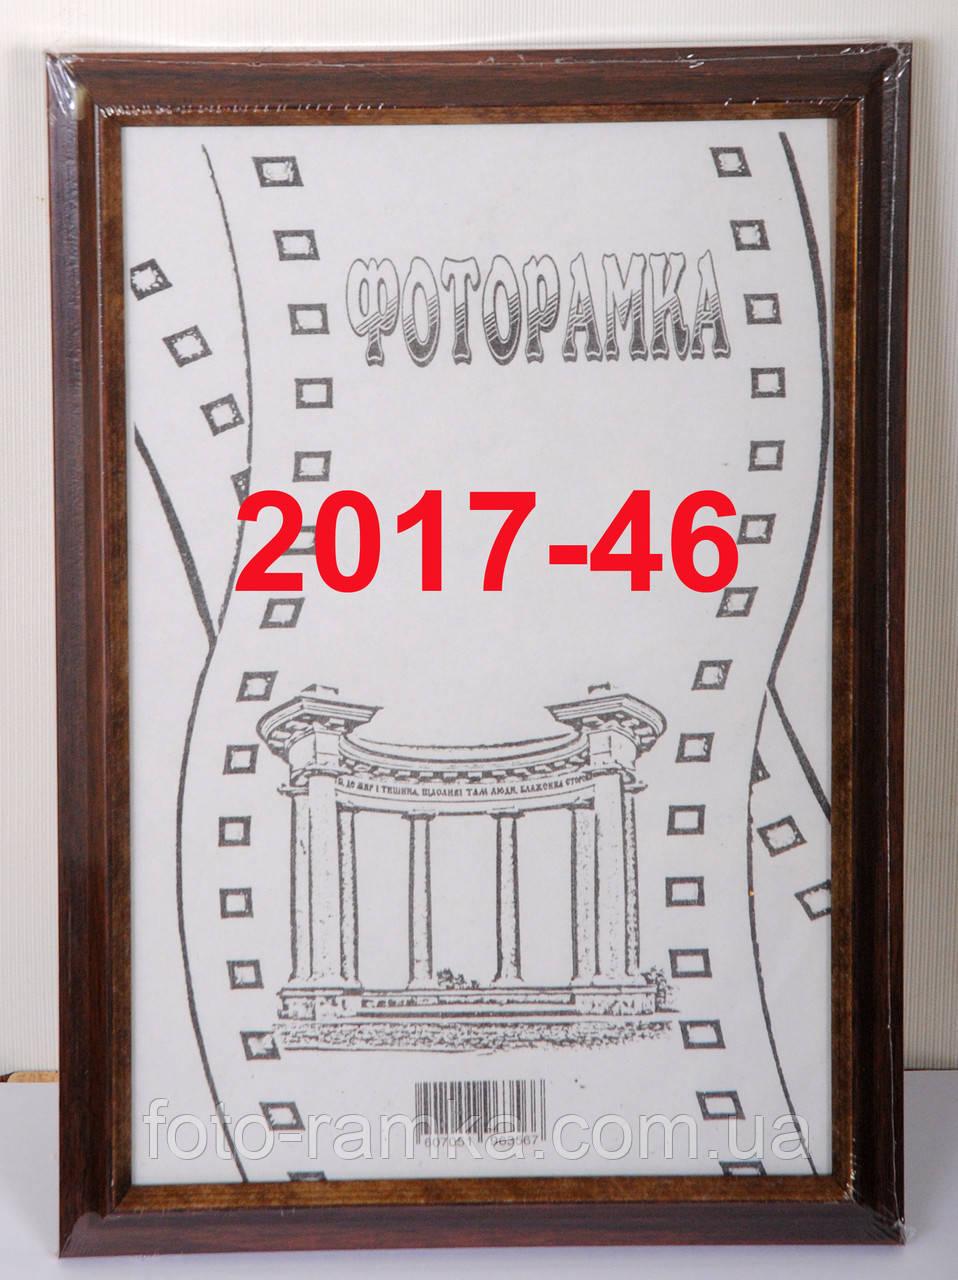 Фоторамка 15х21 багет 2017